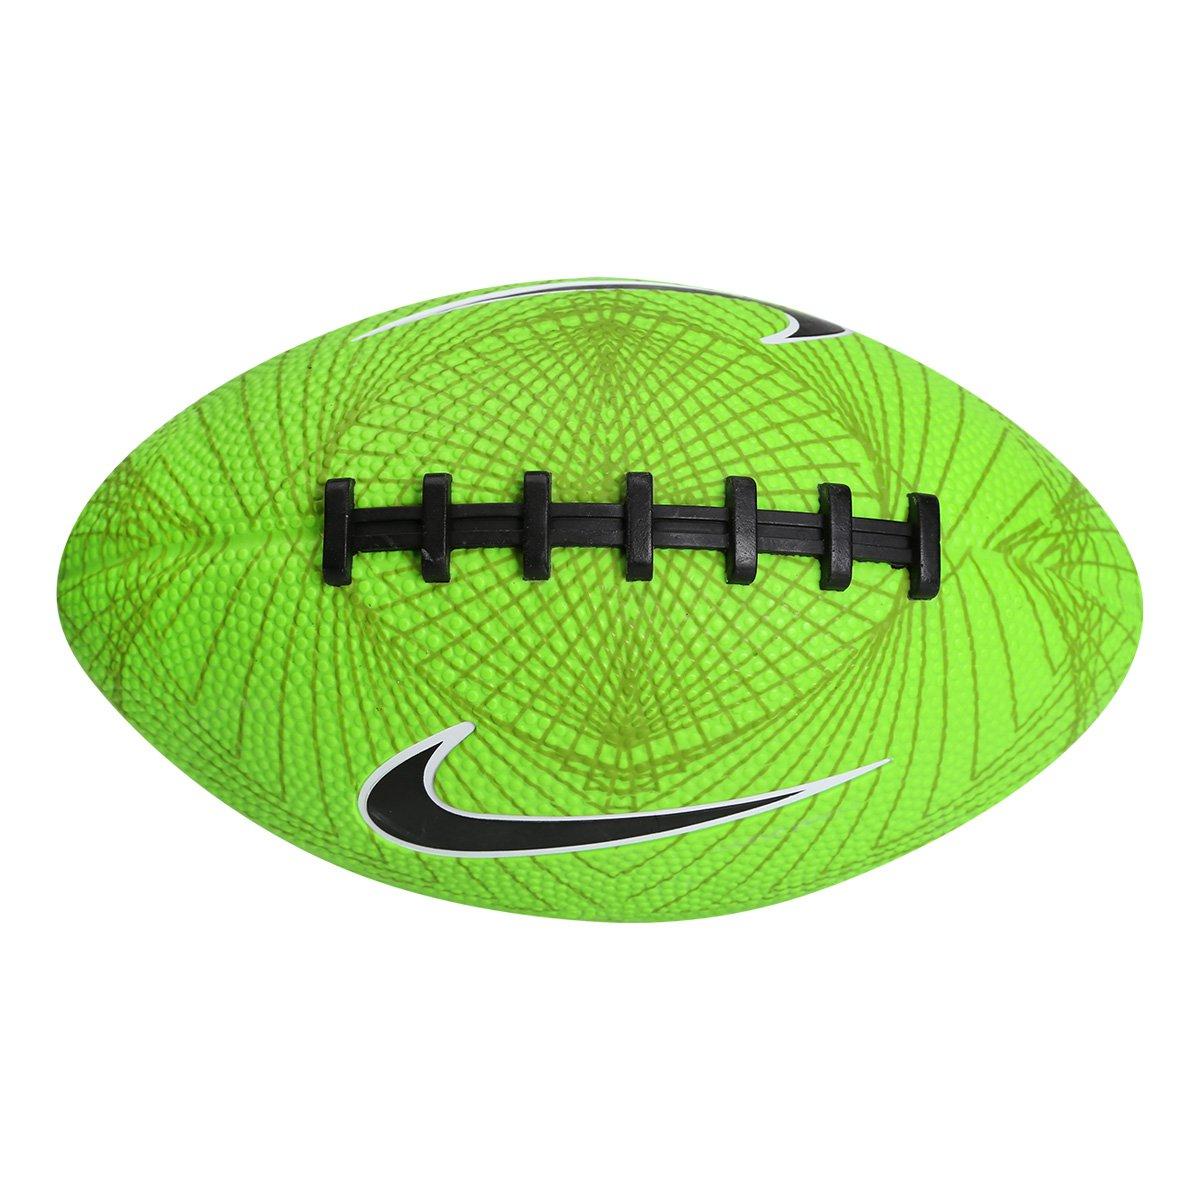 8850ed5da Bola de Futebol Americano Nike 500 Mini 4.0 FB 5 - Tamanho 3 - 0 ...